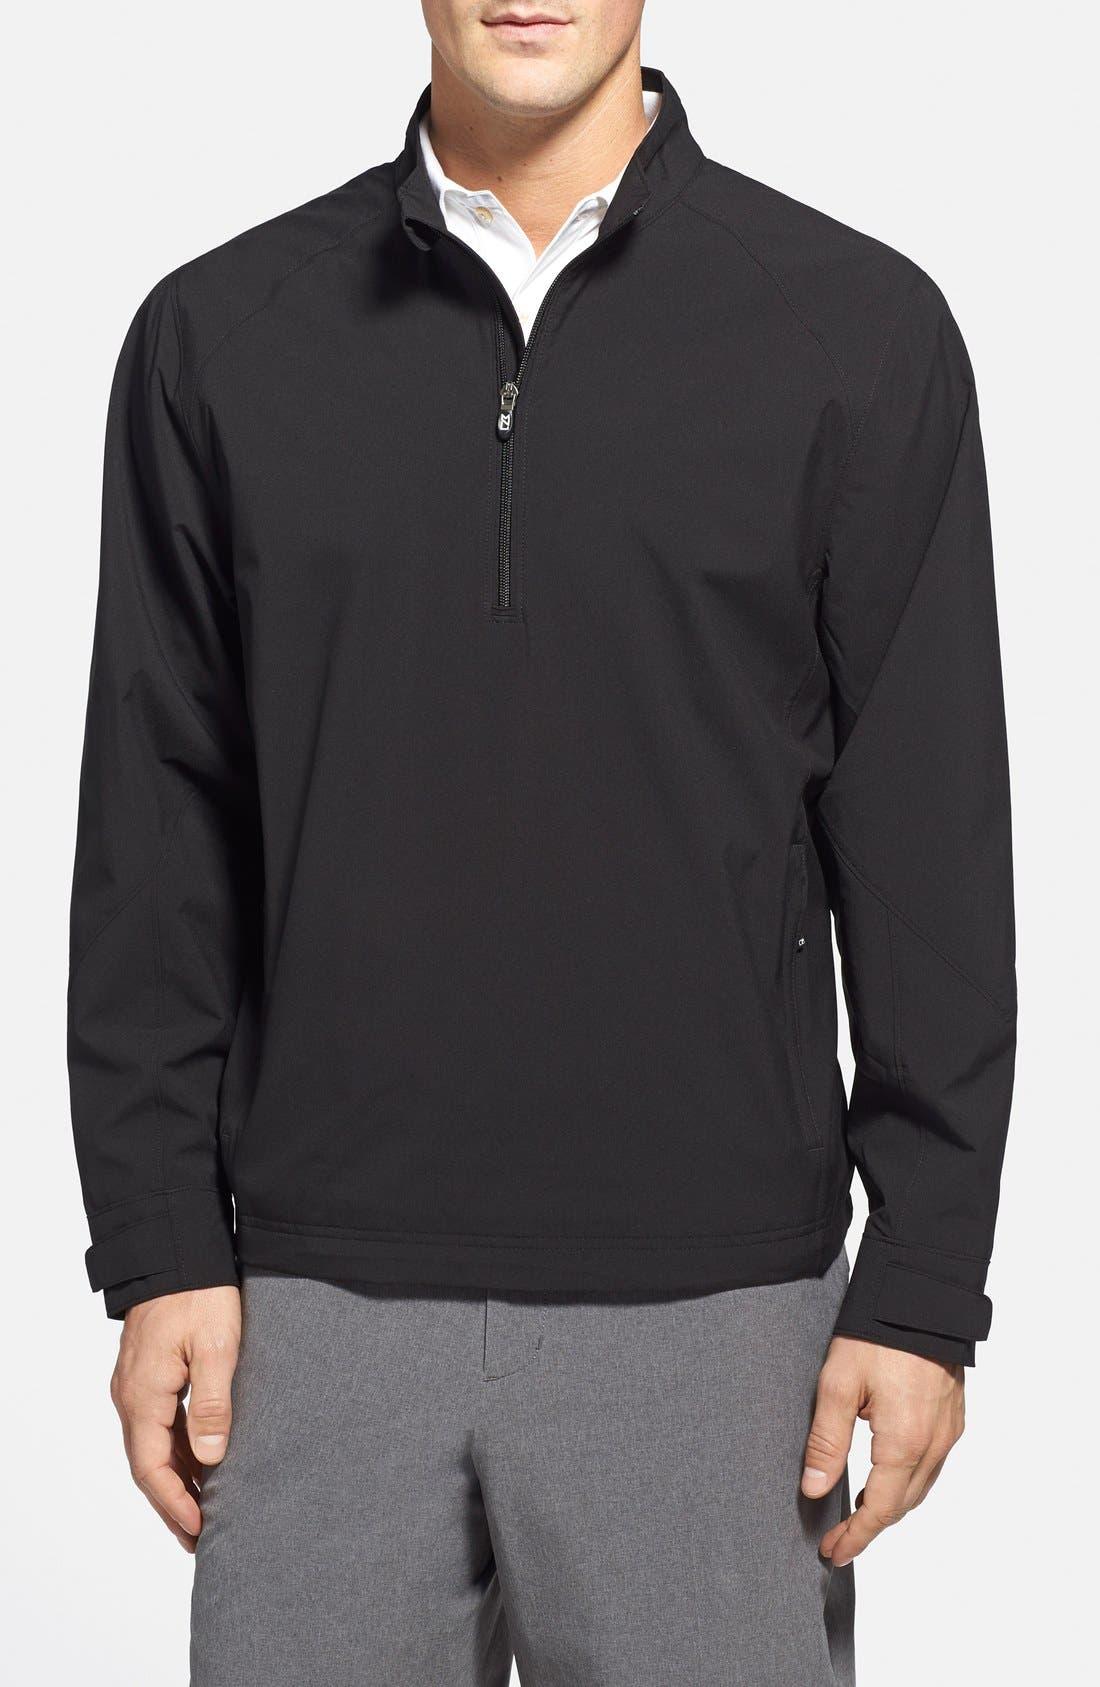 'Summit' WeatherTec Wind & Water Resistant Half Zip Jacket,                         Main,                         color, Black